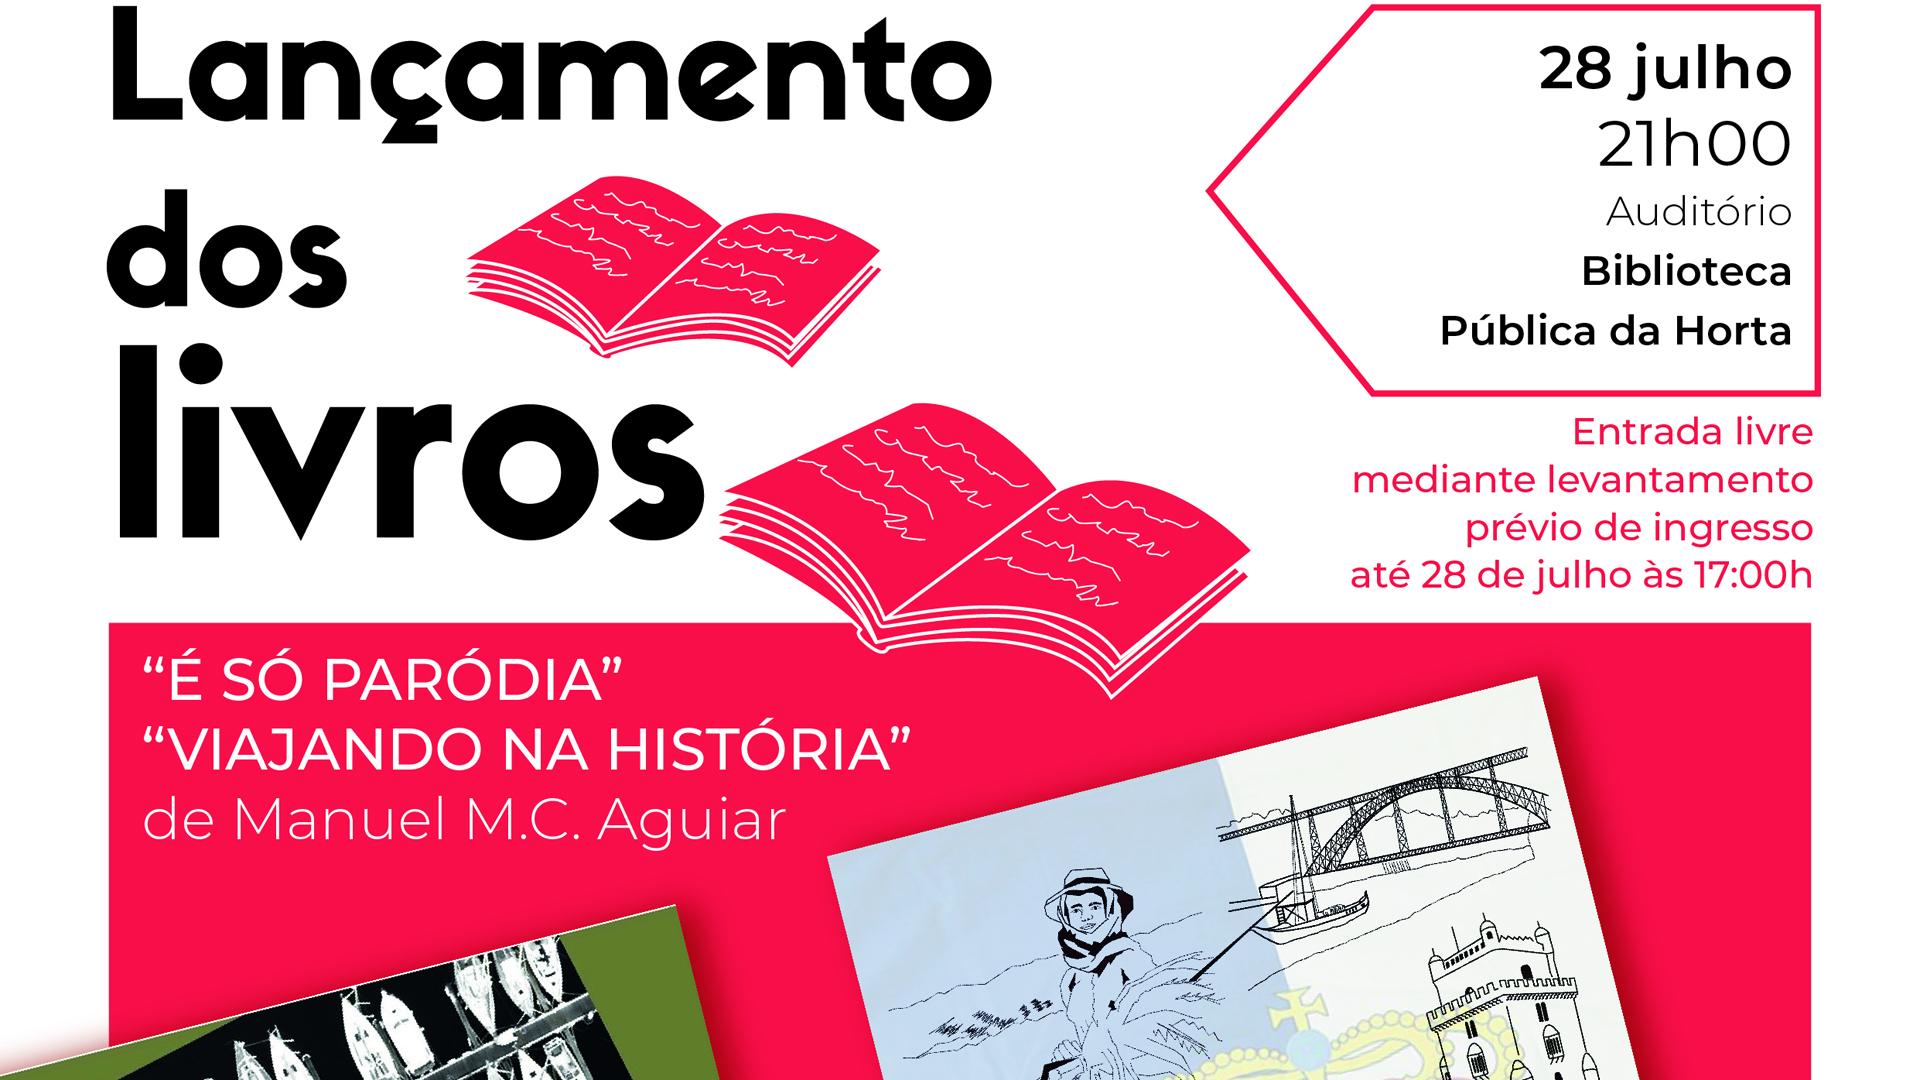 """Secretaria Regional da Cultura, da Ciência e Transição Digital promove lançamento dos livros """"É Só Paródia"""" e """"Viajando na História"""" de Manuel M. C. Aguiar - Cartaz"""